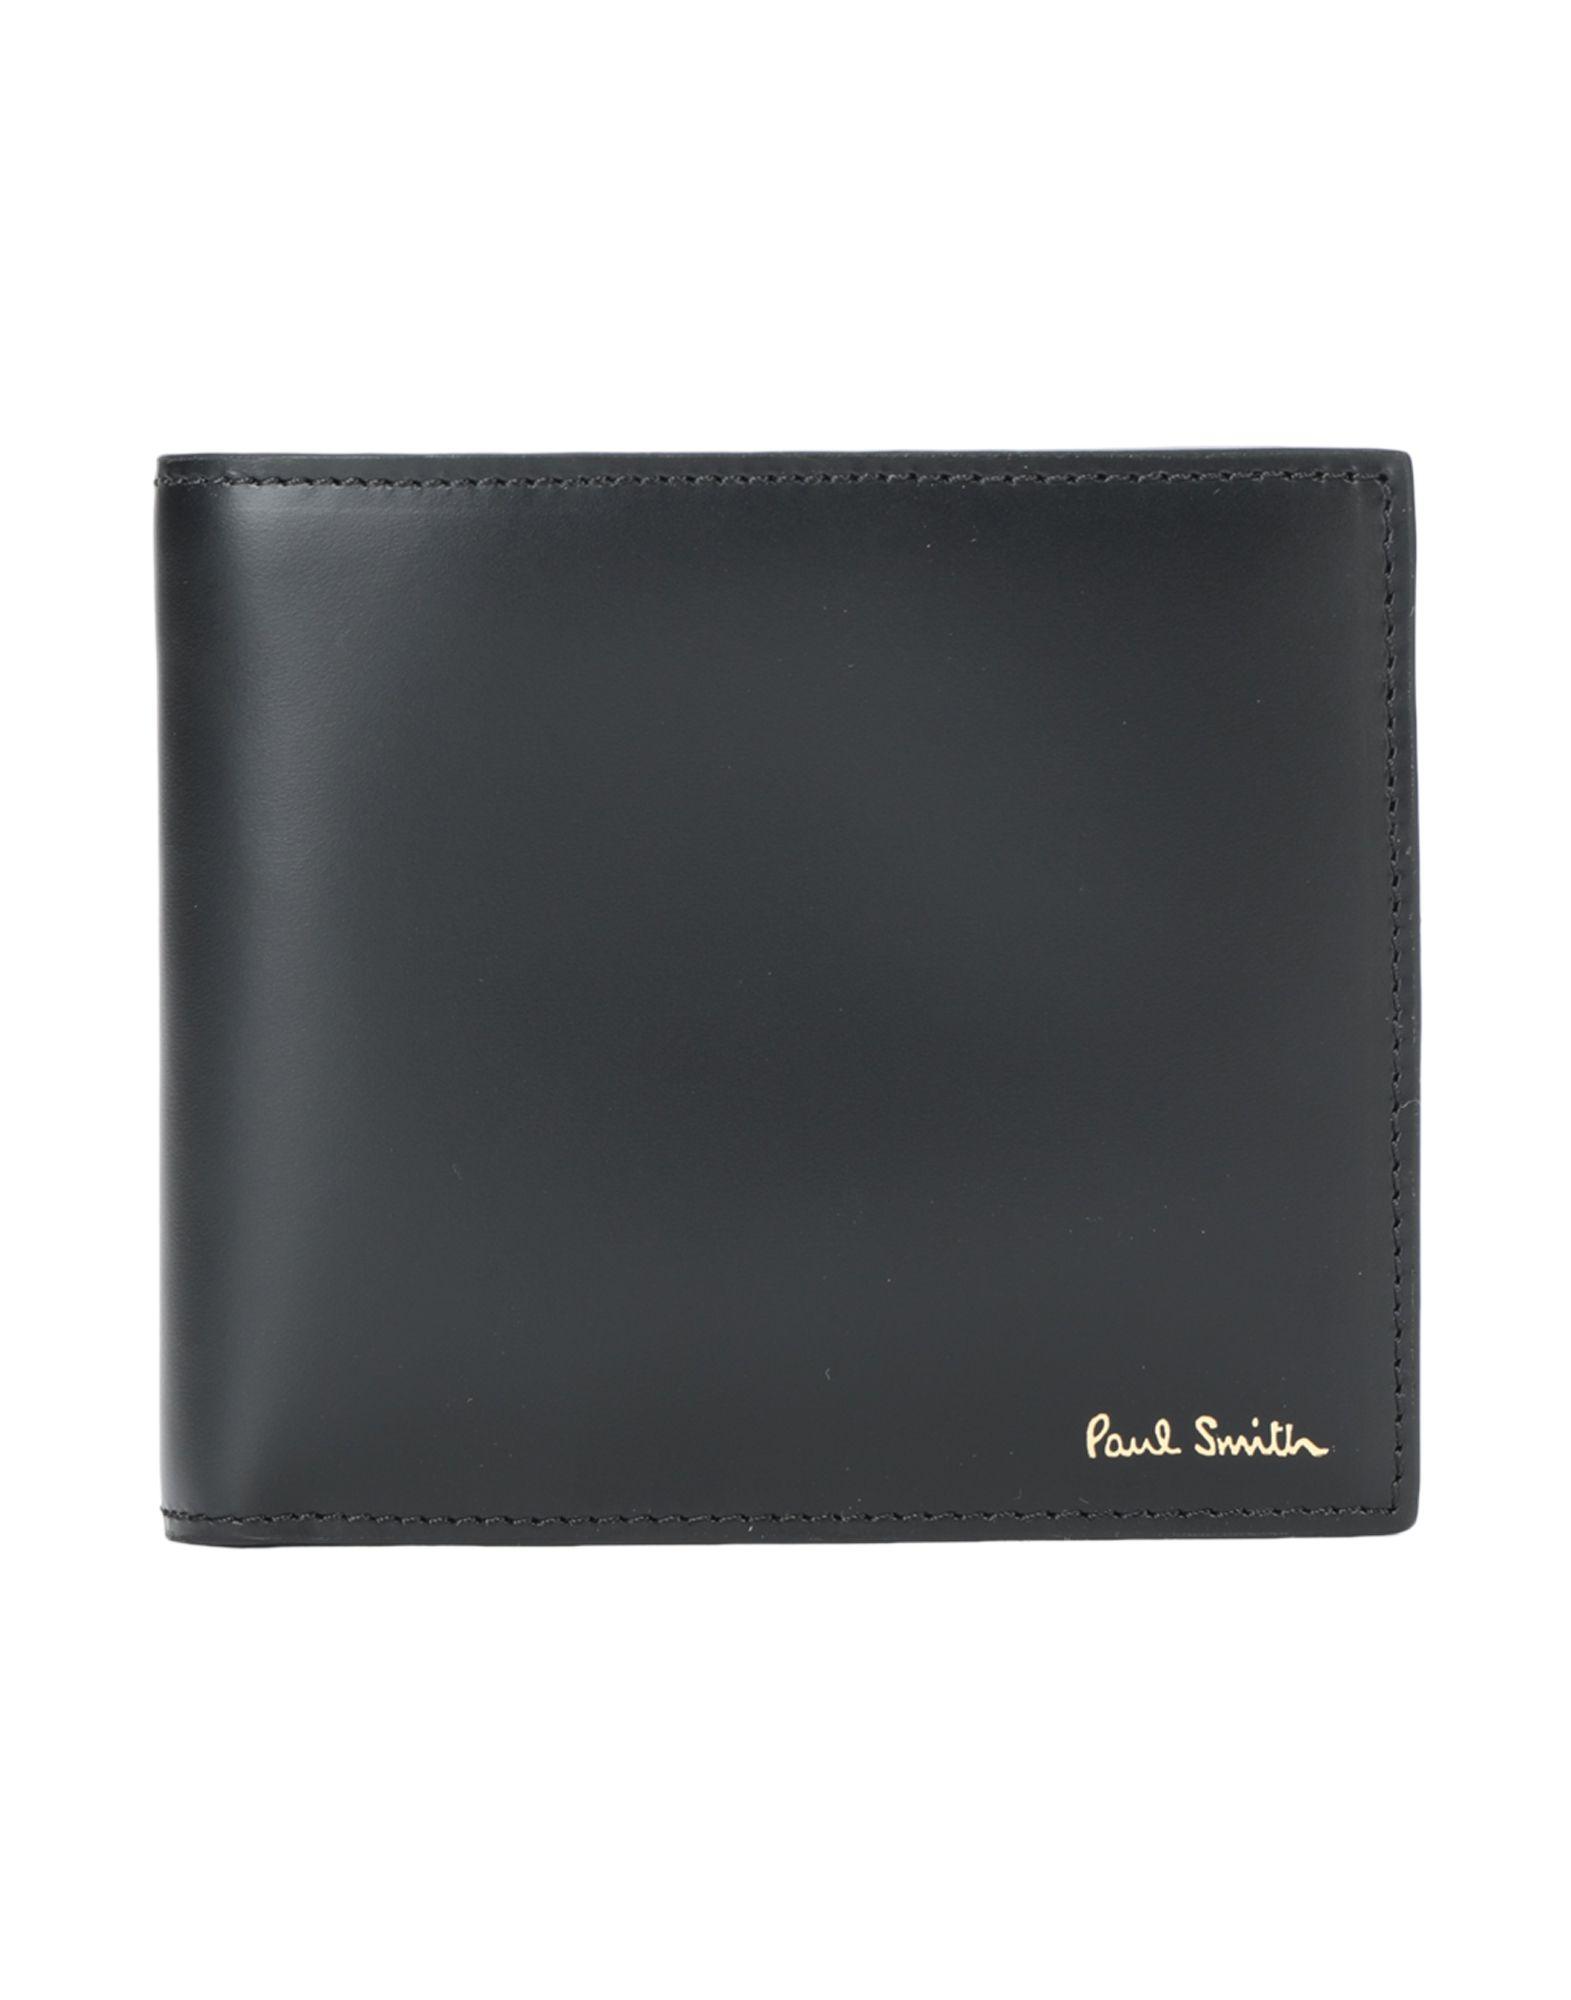 《送料無料》PAUL SMITH メンズ 財布 ブラック 牛革 100%